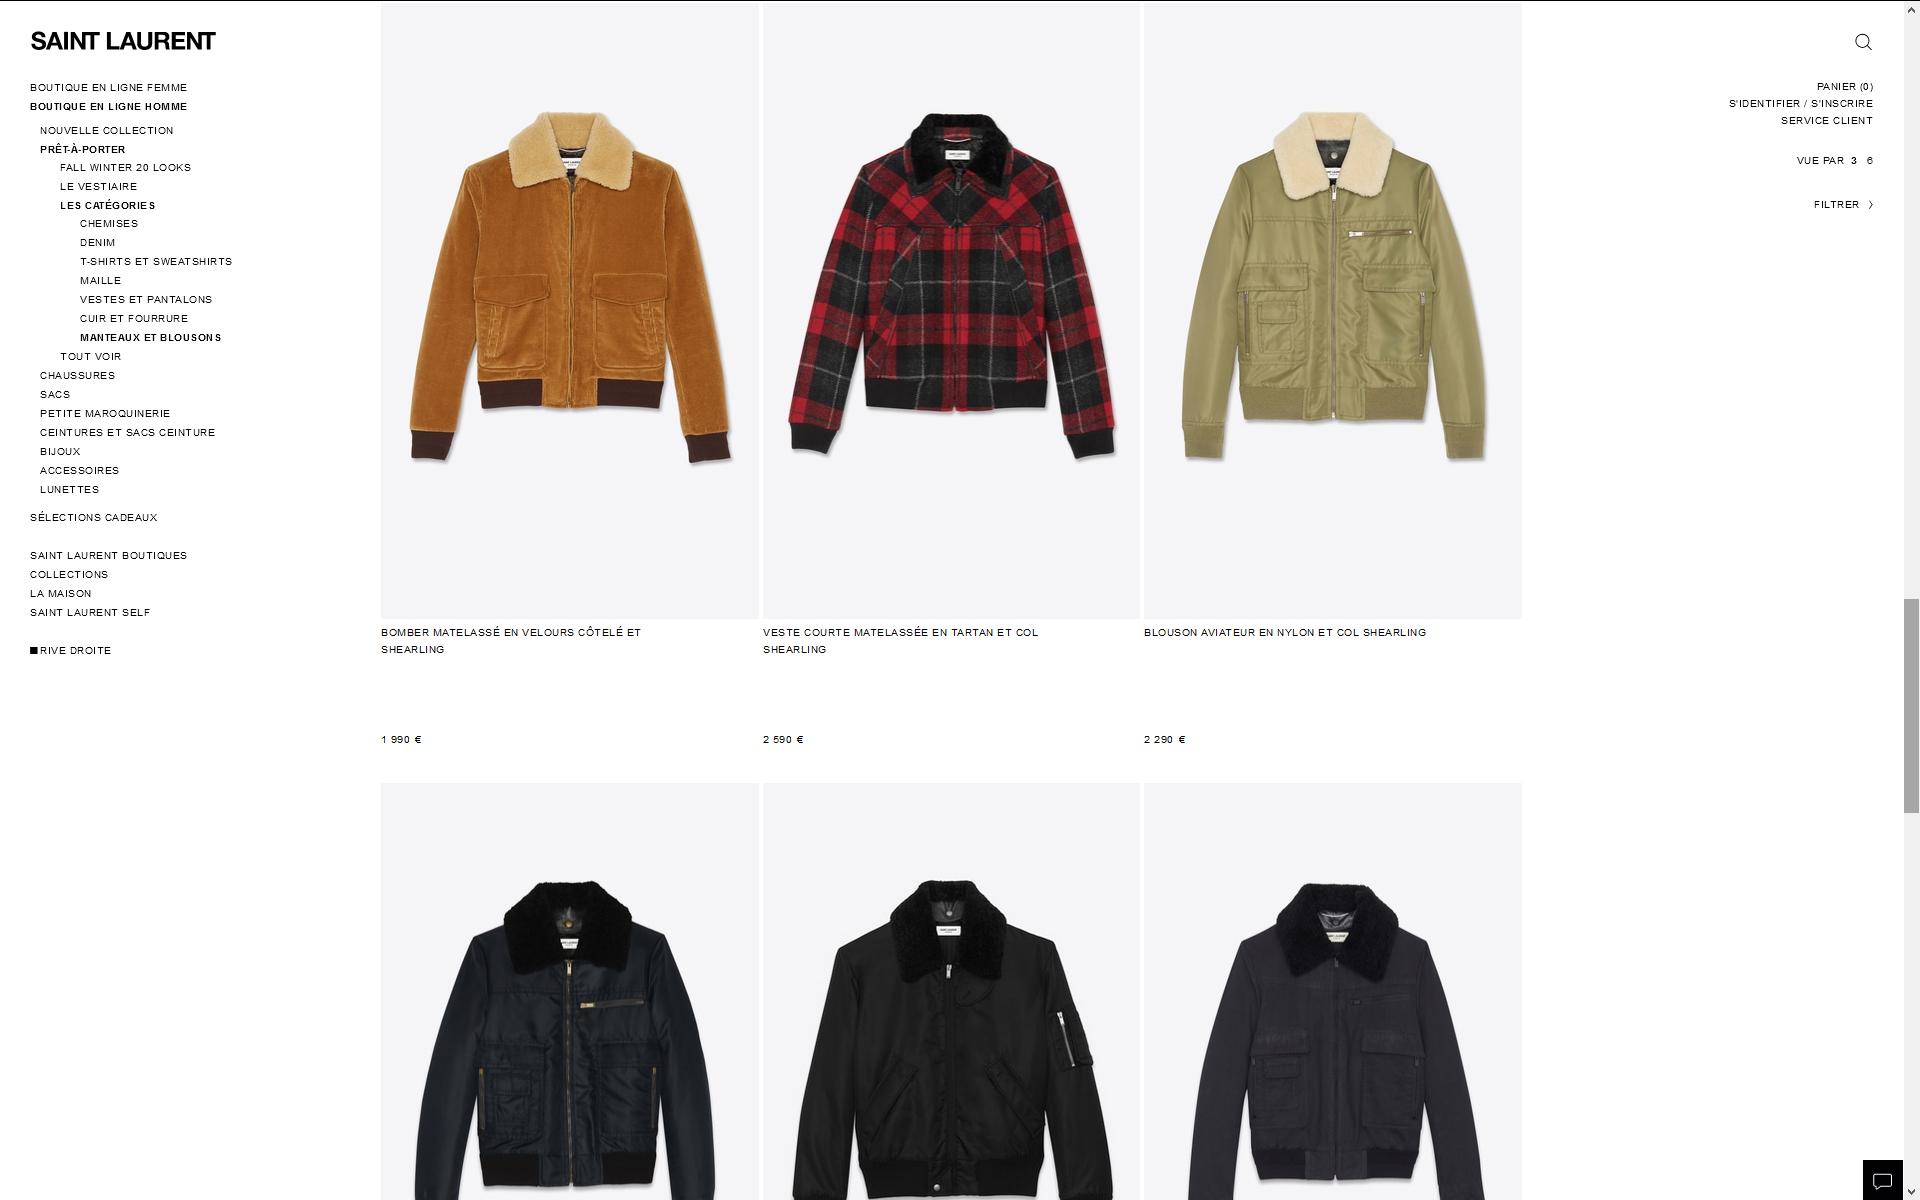 Retouche de la collection Hiver 19-20 pour le site Yves Saint Laurent (ysl.com)